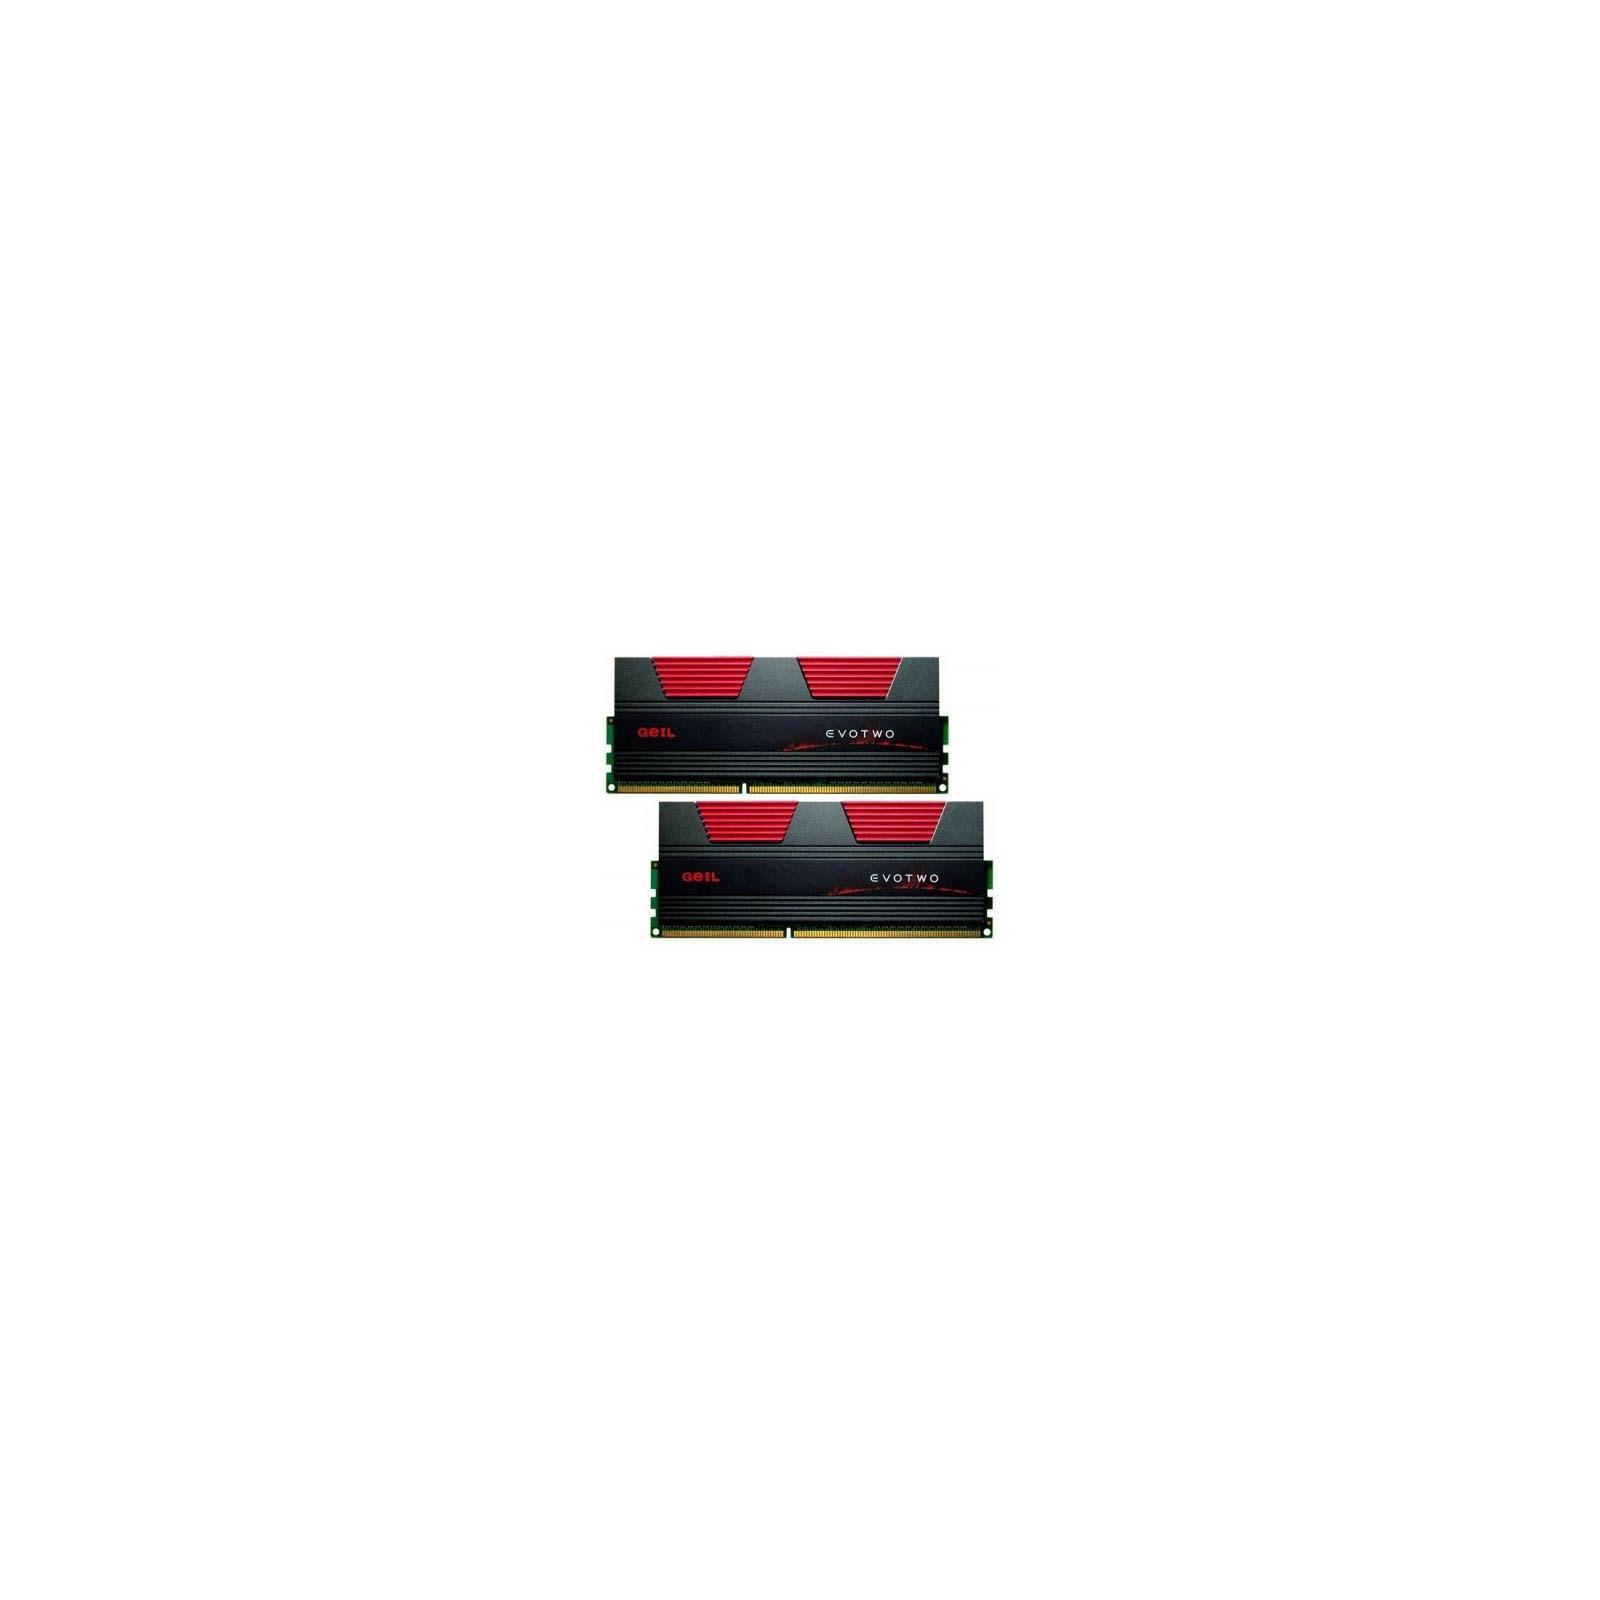 Модуль памяти для компьютера DDR3 8GB (2x4GB) 2133 MHz GEIL (GET38GB2133C9ADC)